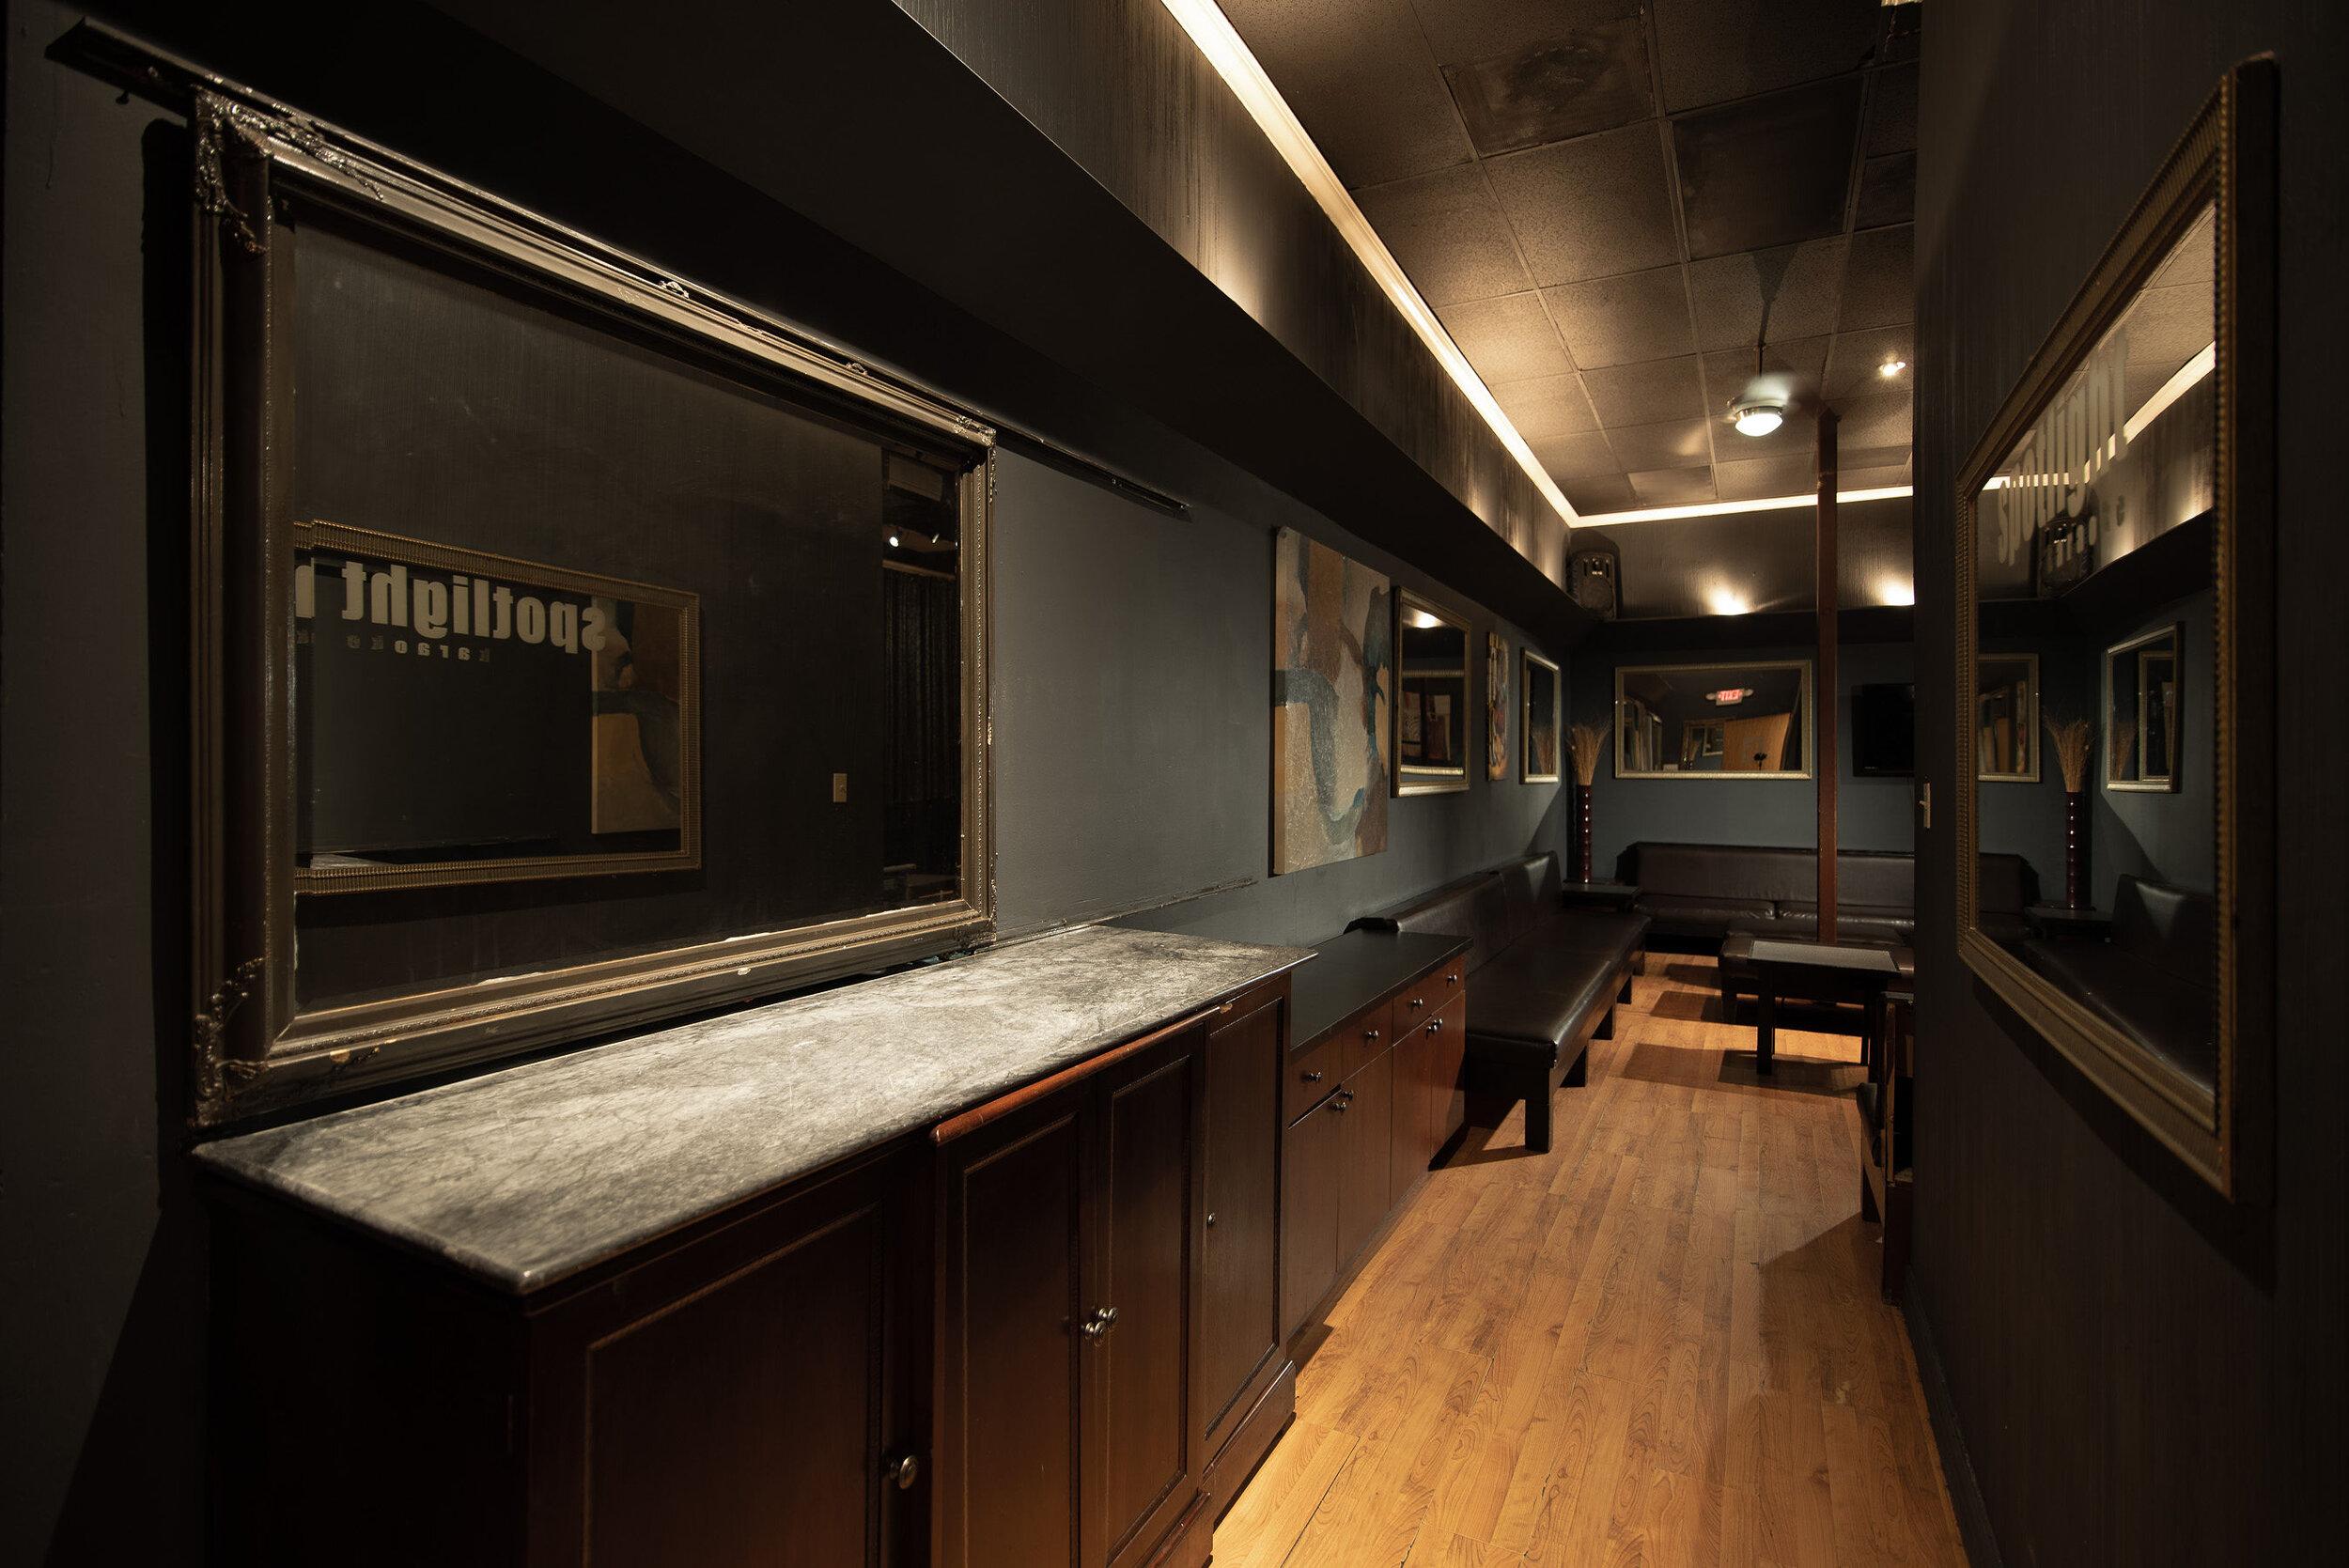 Galleria Room 6